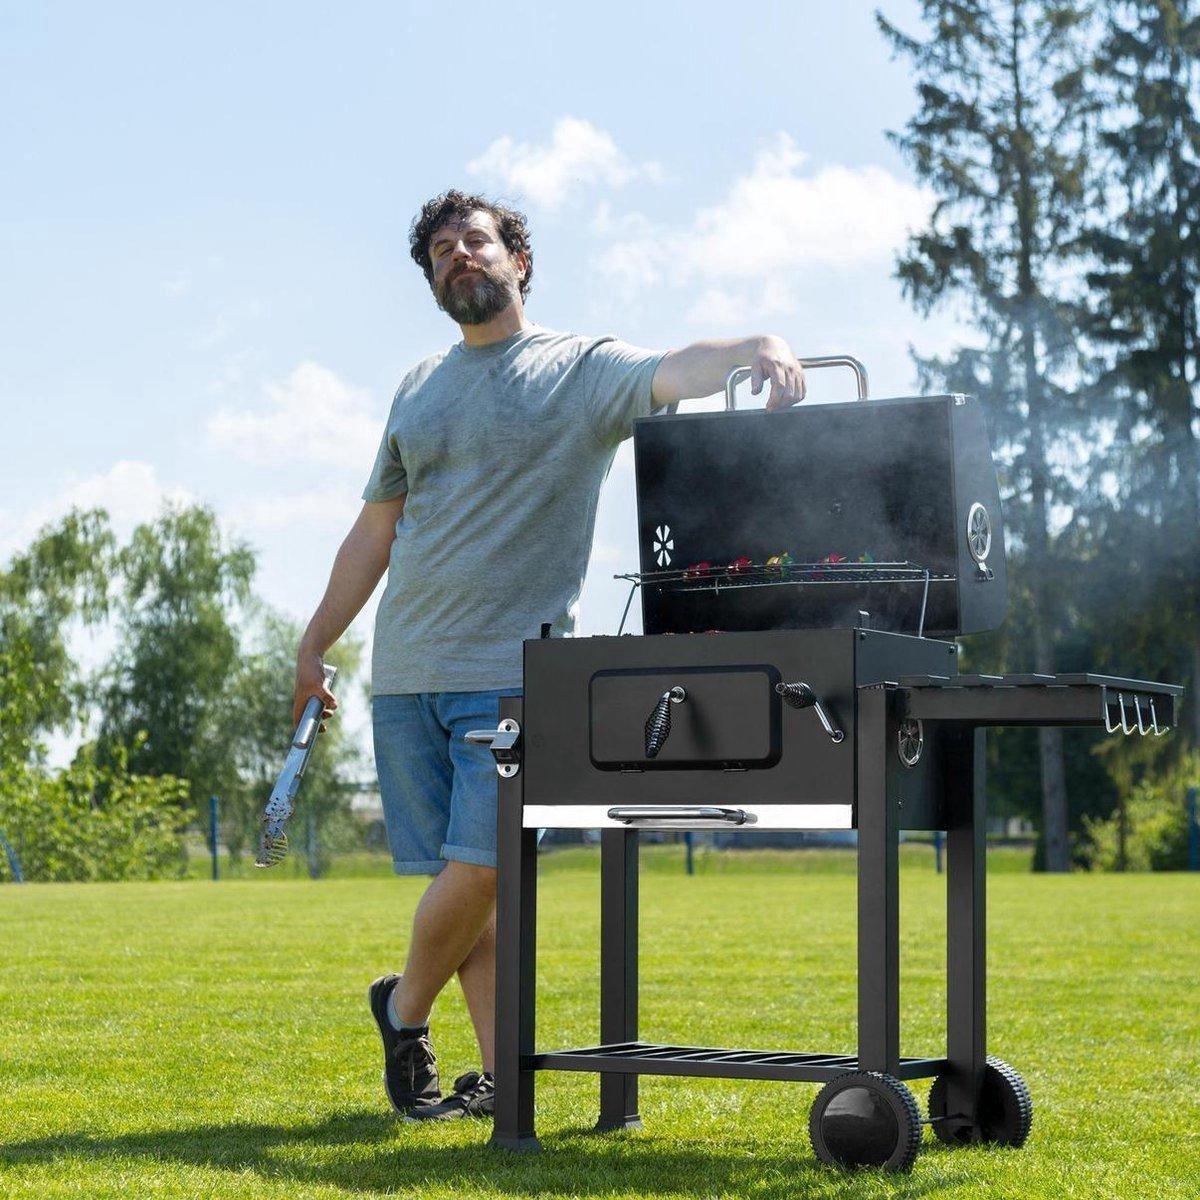 De 20+ beste afbeeldingen van Barbecue | barbecue, bbq, zijtafel